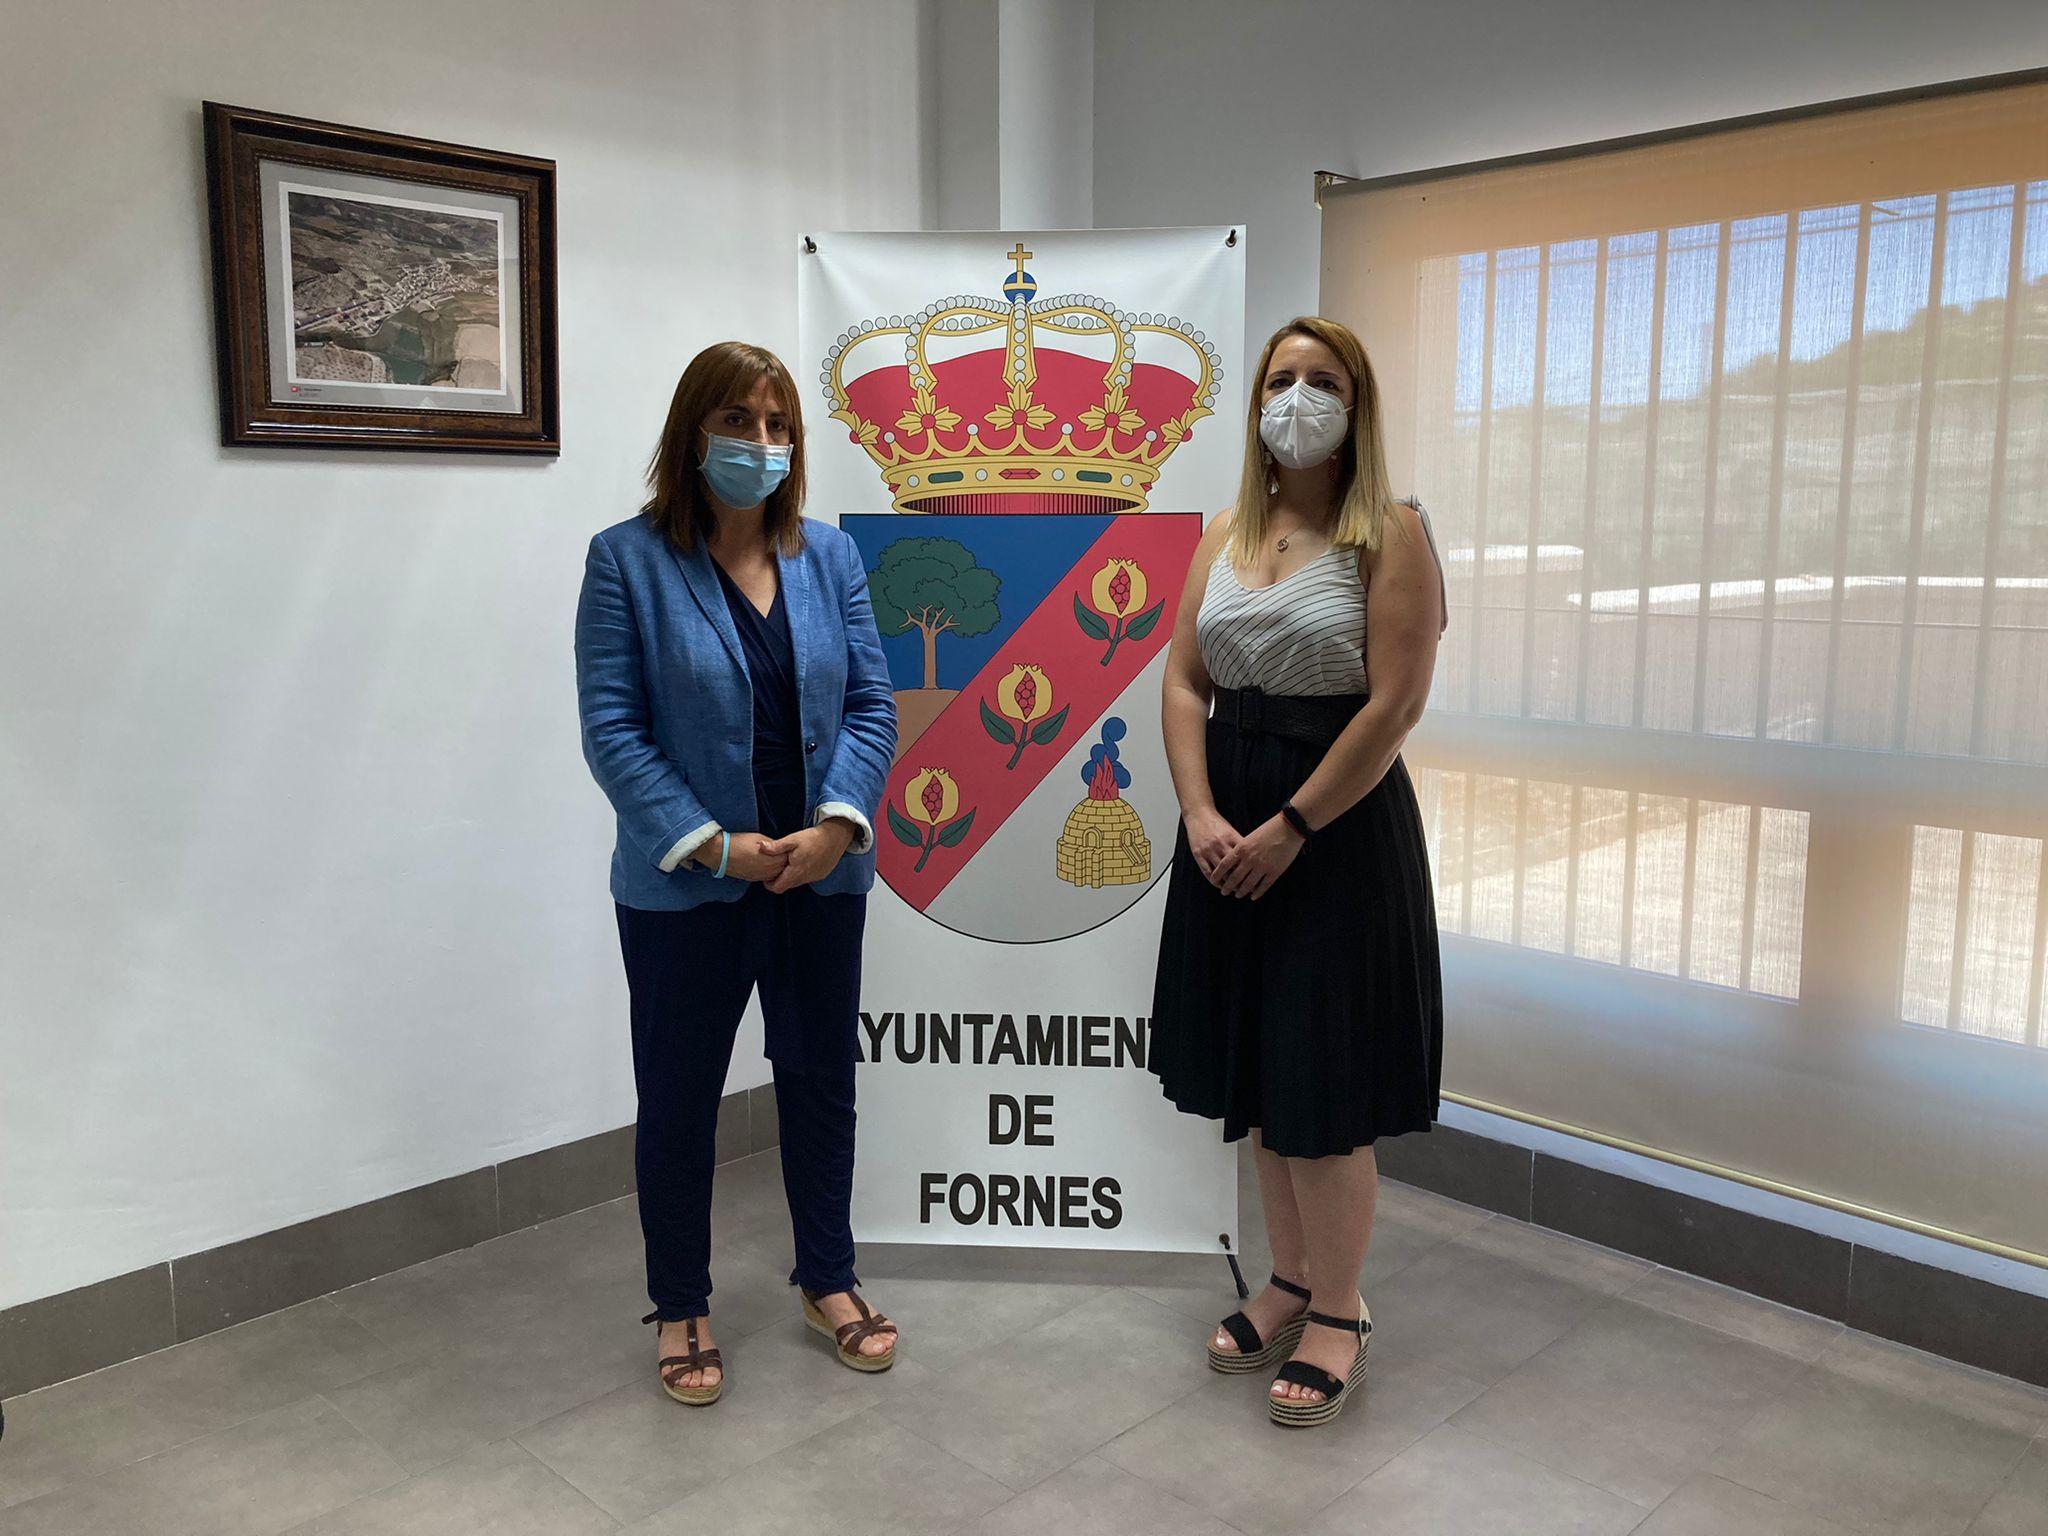 Diputación atendió a más de 240 personas en Fornes a través del Servicio de Información, Valoración y Asesoramiento